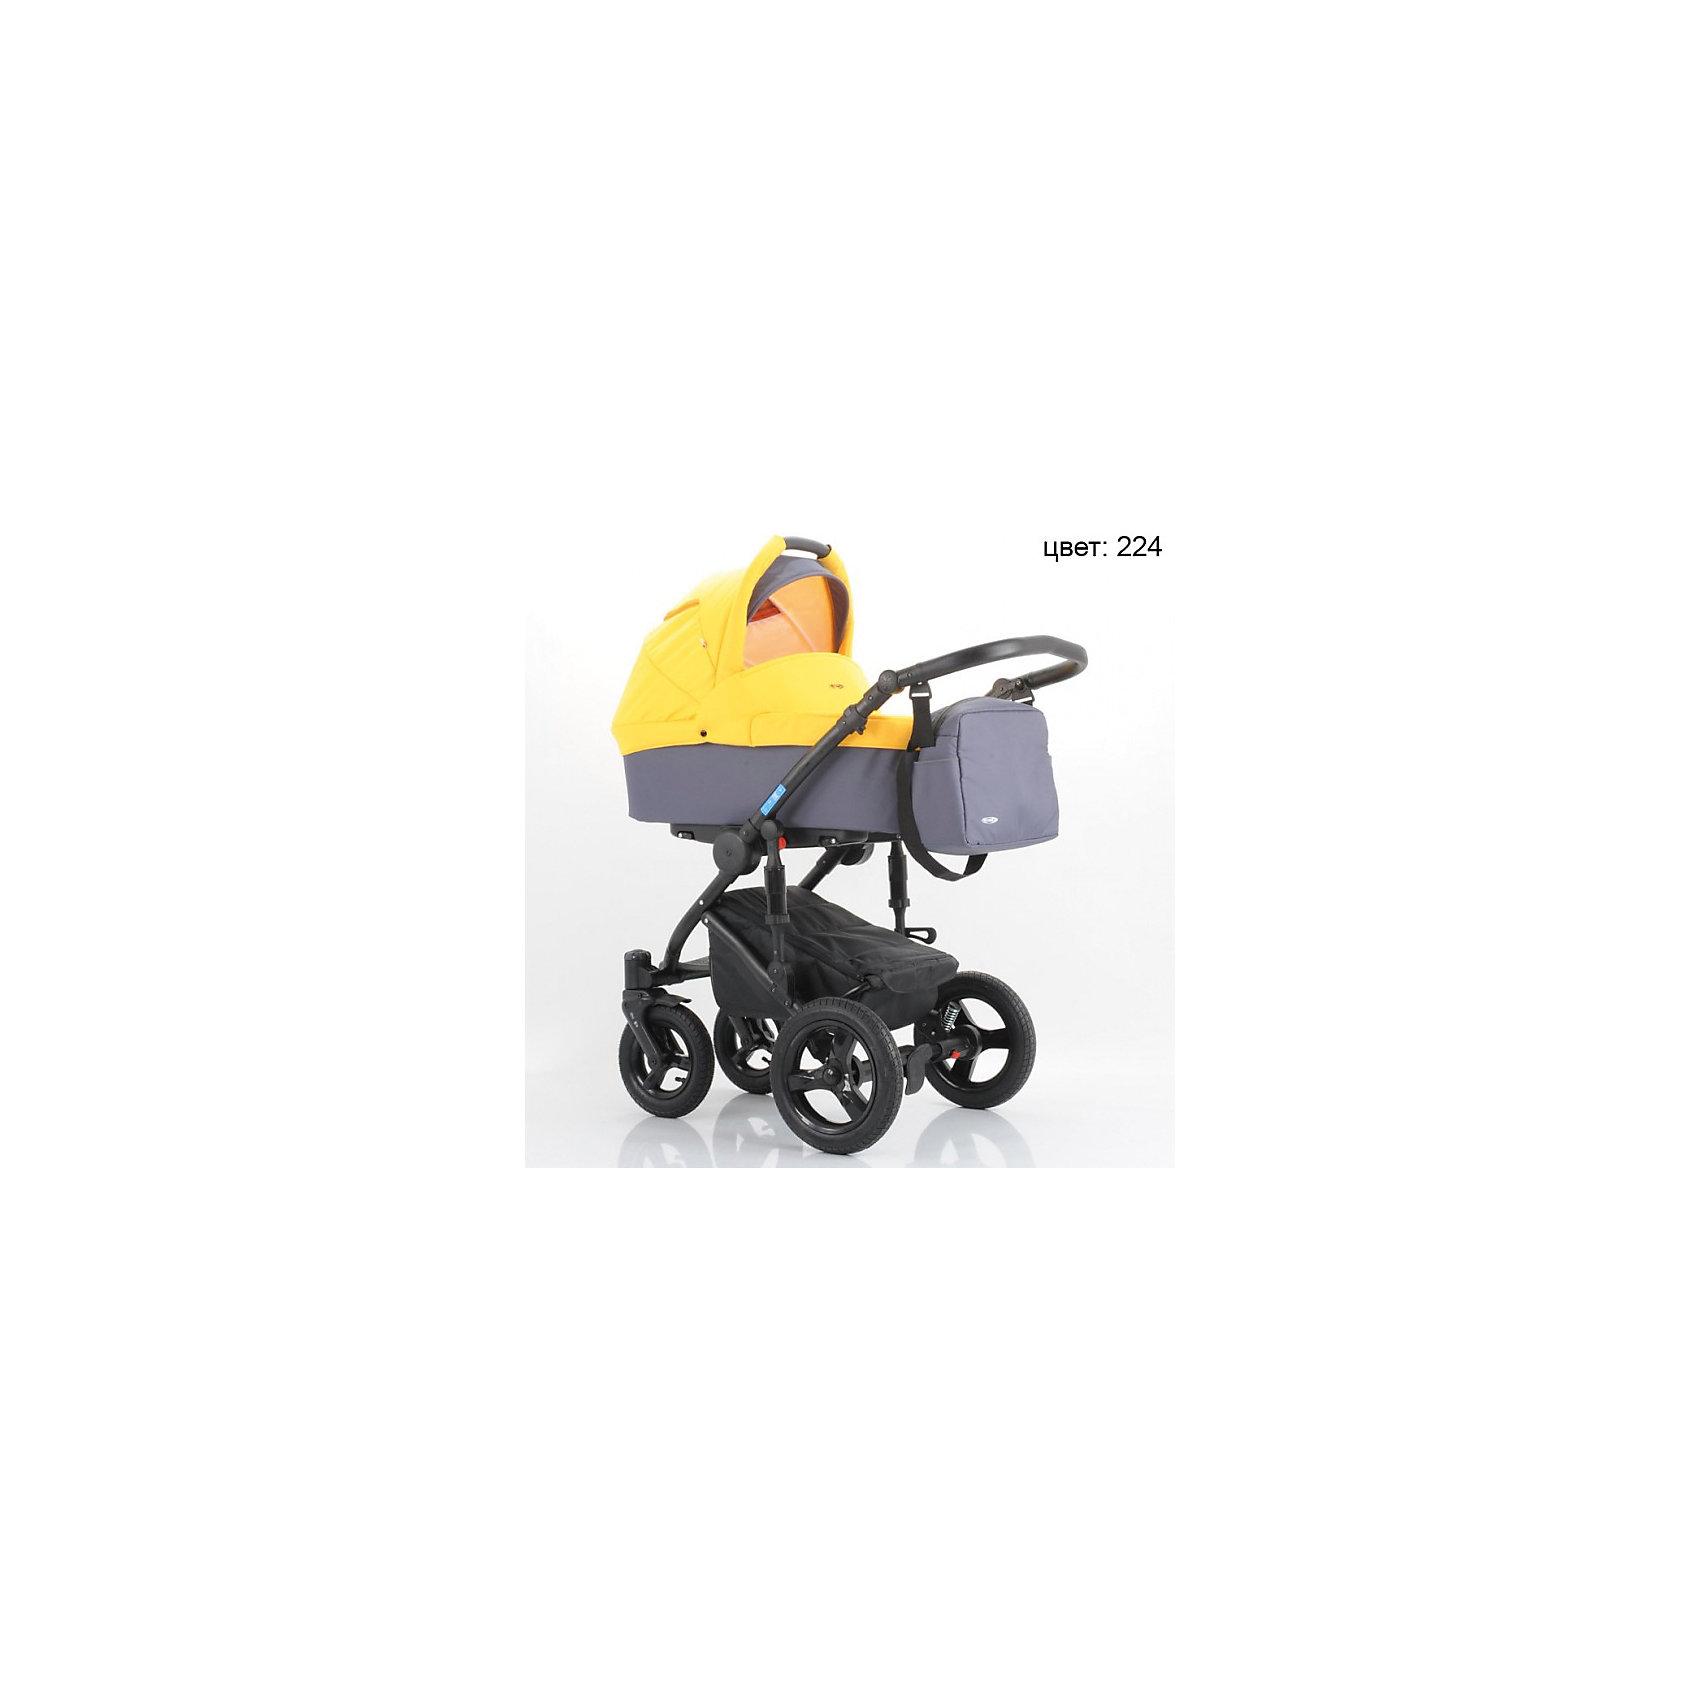 Коляска  AroTeam SIGMA New 2в1, графит+желтыйКоляски 2 в 1<br>Характеристики коляски AroTeam SIGMA New 2в1<br><br>Люлька:<br><br>• жесткое основание люльки;<br>• смотровое окошко на капюшоне под клапаном;<br>• регулируемый подголовник, рычаг расположен снаружи;<br>• имеется ручка для переноски люльки;<br>• размер люльки: 82х37х20 см.<br><br>Прогулочный блок:<br><br>• смотровое окошко на капюшоне, солнцезащитный козырек;<br>• бампер отстегивается с одной стороны;<br>• регулируемый угол наклона спинки: 4 положения вплоть до горизонтального;<br>• 5-ти точечные ремни безопасности;<br>• регулируемая подножка: 2 положения;<br>• съемные чехлы, стирка при температуре 30 градусов.<br><br>Шасси с колесами:<br><br>• материал рамы: алюминий;<br>• передние поворотные колеса с функцией блокировки, диаметр 23 см, колеса надувные, материал ПВХ;<br>• задние надувные колеса, диаметр 29 см, материал ПВХ;<br>• ручка коляски регулируется по высоте;<br>• механизм складывания: книжка;<br>• рама складывается без прогулочного блока;<br>• тип тормоза: ножной.<br><br>Размеры:<br><br>• коляска в разложенном виде: 85х60х105 см;<br>• вес коляски: 15,9 кг;<br>• вес в упаковке: 23,9 кг.<br><br>Комплектация:<br><br>• люлька с матрасиком и накидкой;<br>• прогулочный блок с бампером и накидкой;<br>• шасси с колесами;<br>• корзина для покупок;<br>• дождевик;<br>• москитная сетка;<br>• сумка для мамы. <br><br>Коляску SIGMA New 2в1, AroTeam, графит+желтый можно купить в нашем интернет-магазине.<br><br>Ширина мм: 900<br>Глубина мм: 520<br>Высота мм: 500<br>Вес г: 23900<br>Возраст от месяцев: 0<br>Возраст до месяцев: 36<br>Пол: Унисекс<br>Возраст: Детский<br>SKU: 5419808